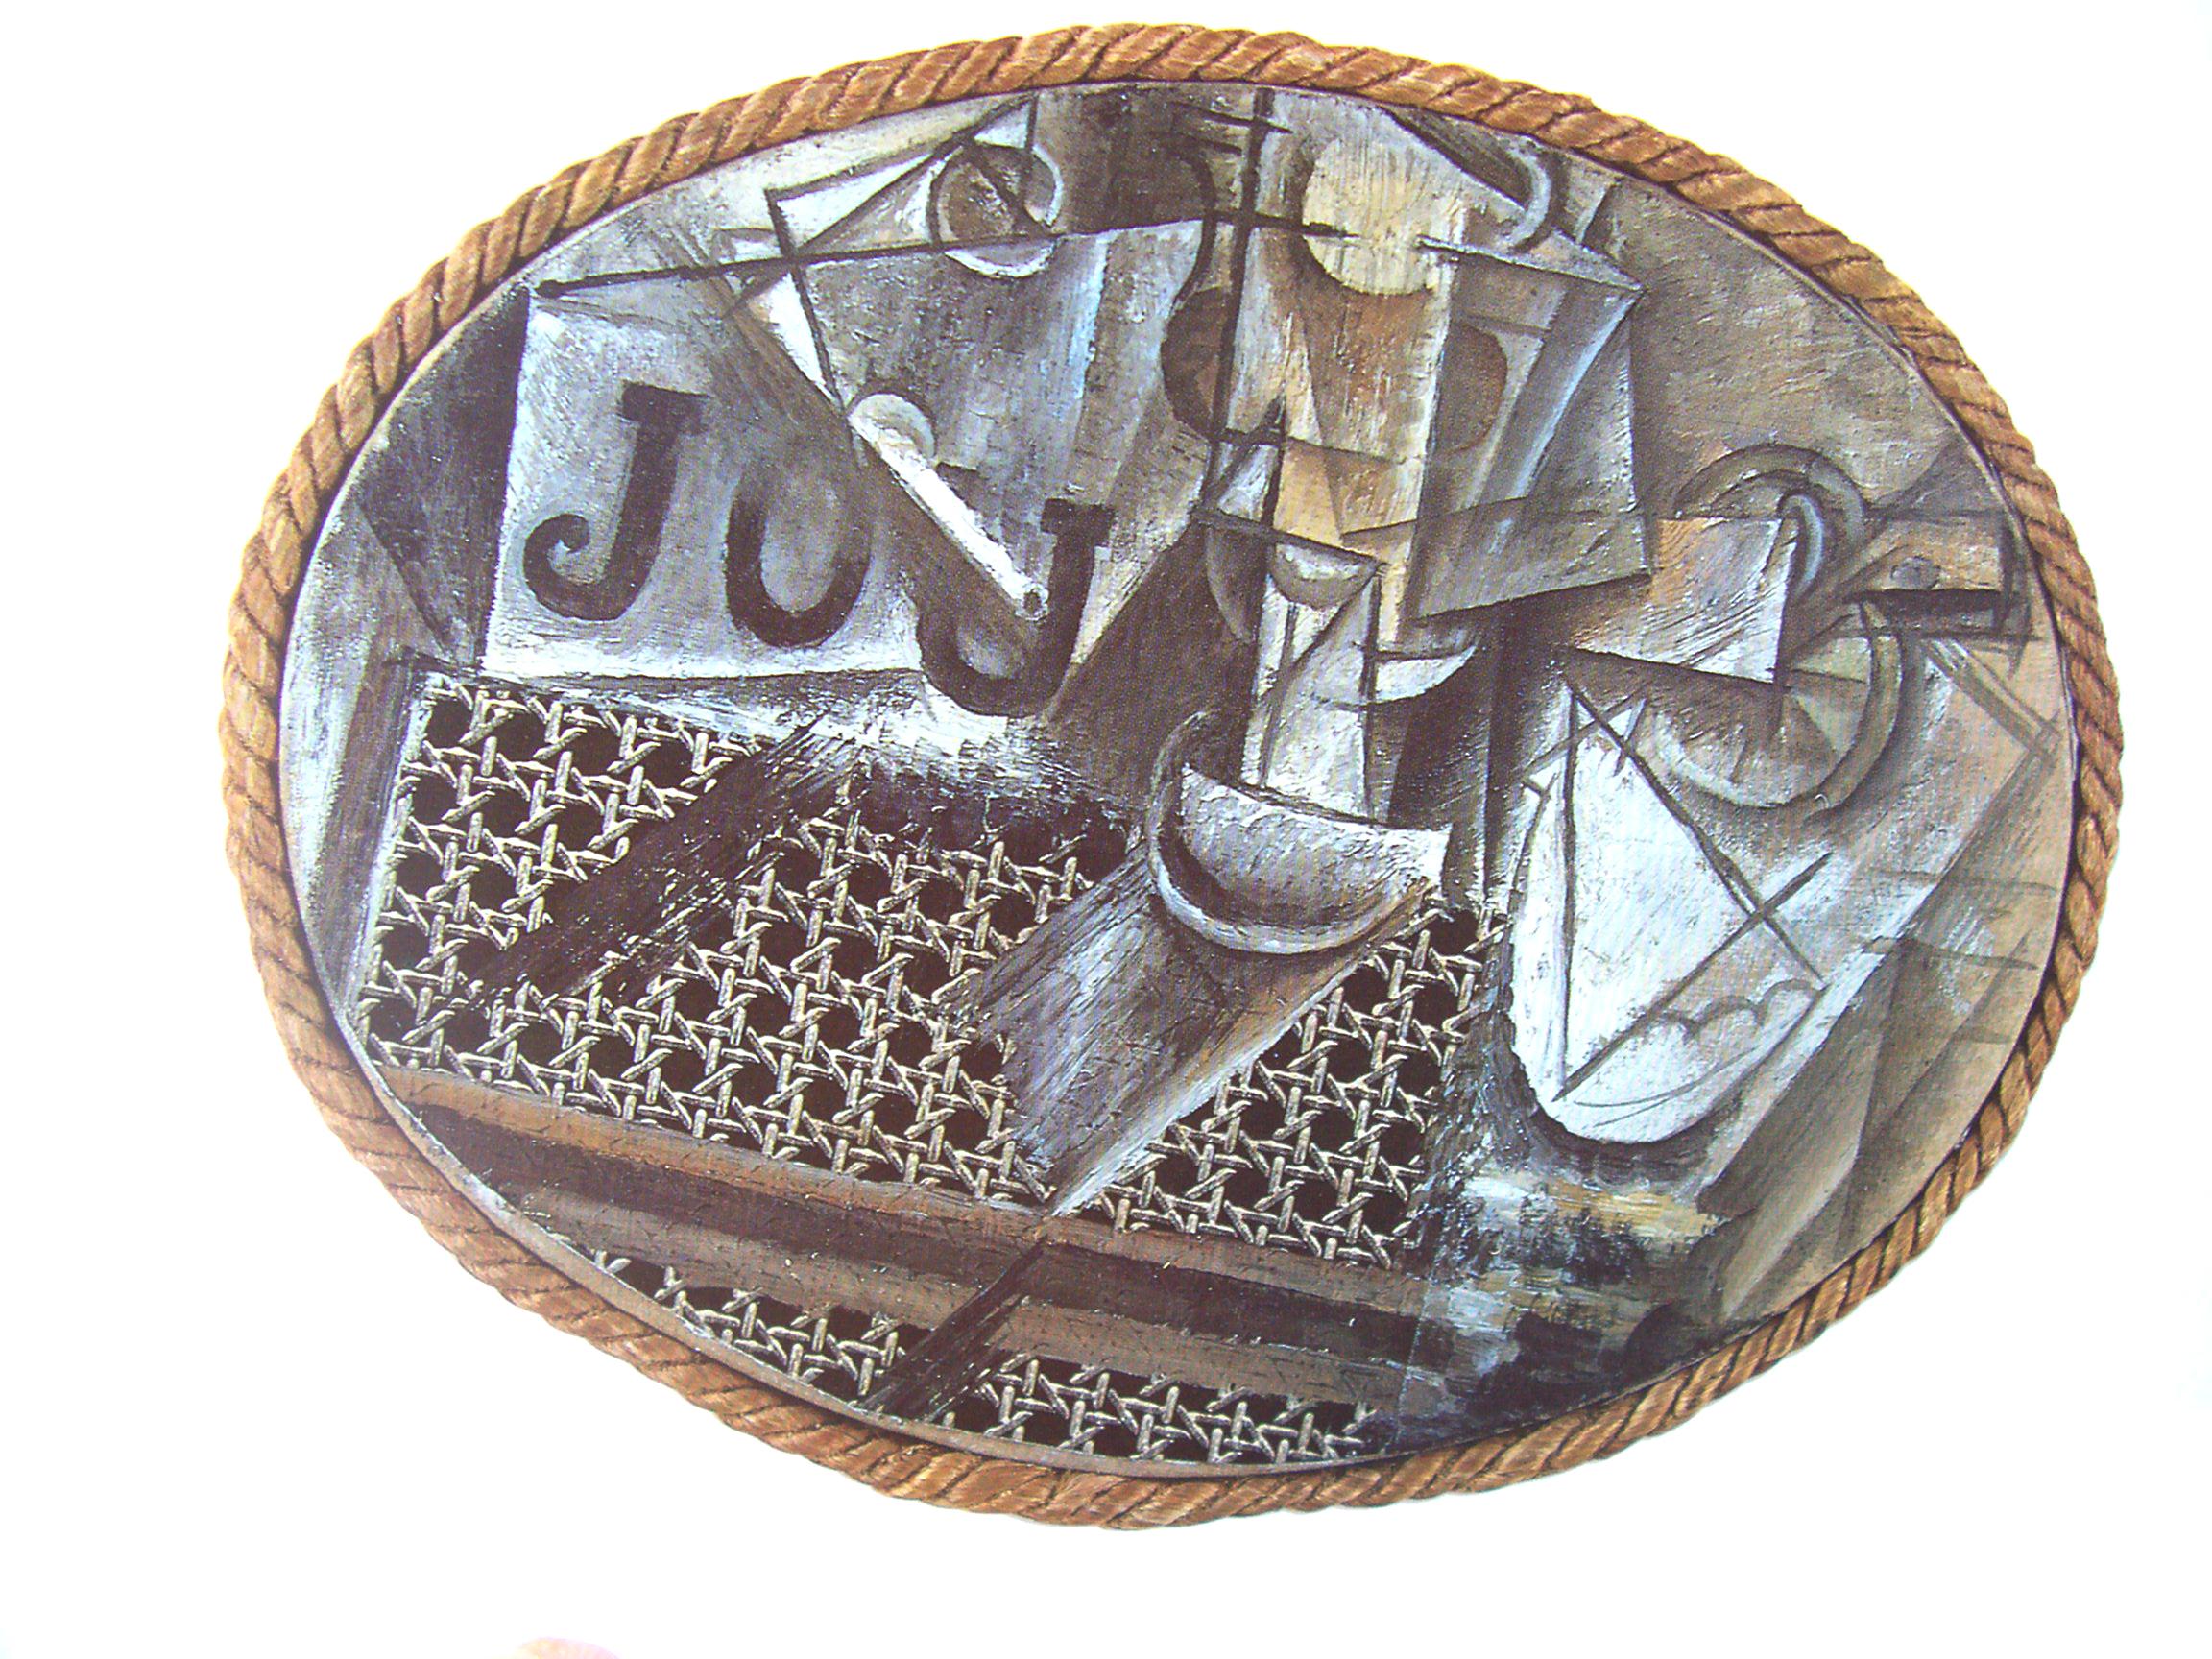 1908 cubisme de picasso et braque hugues absil - Picasso nature morte a la chaise cannee ...